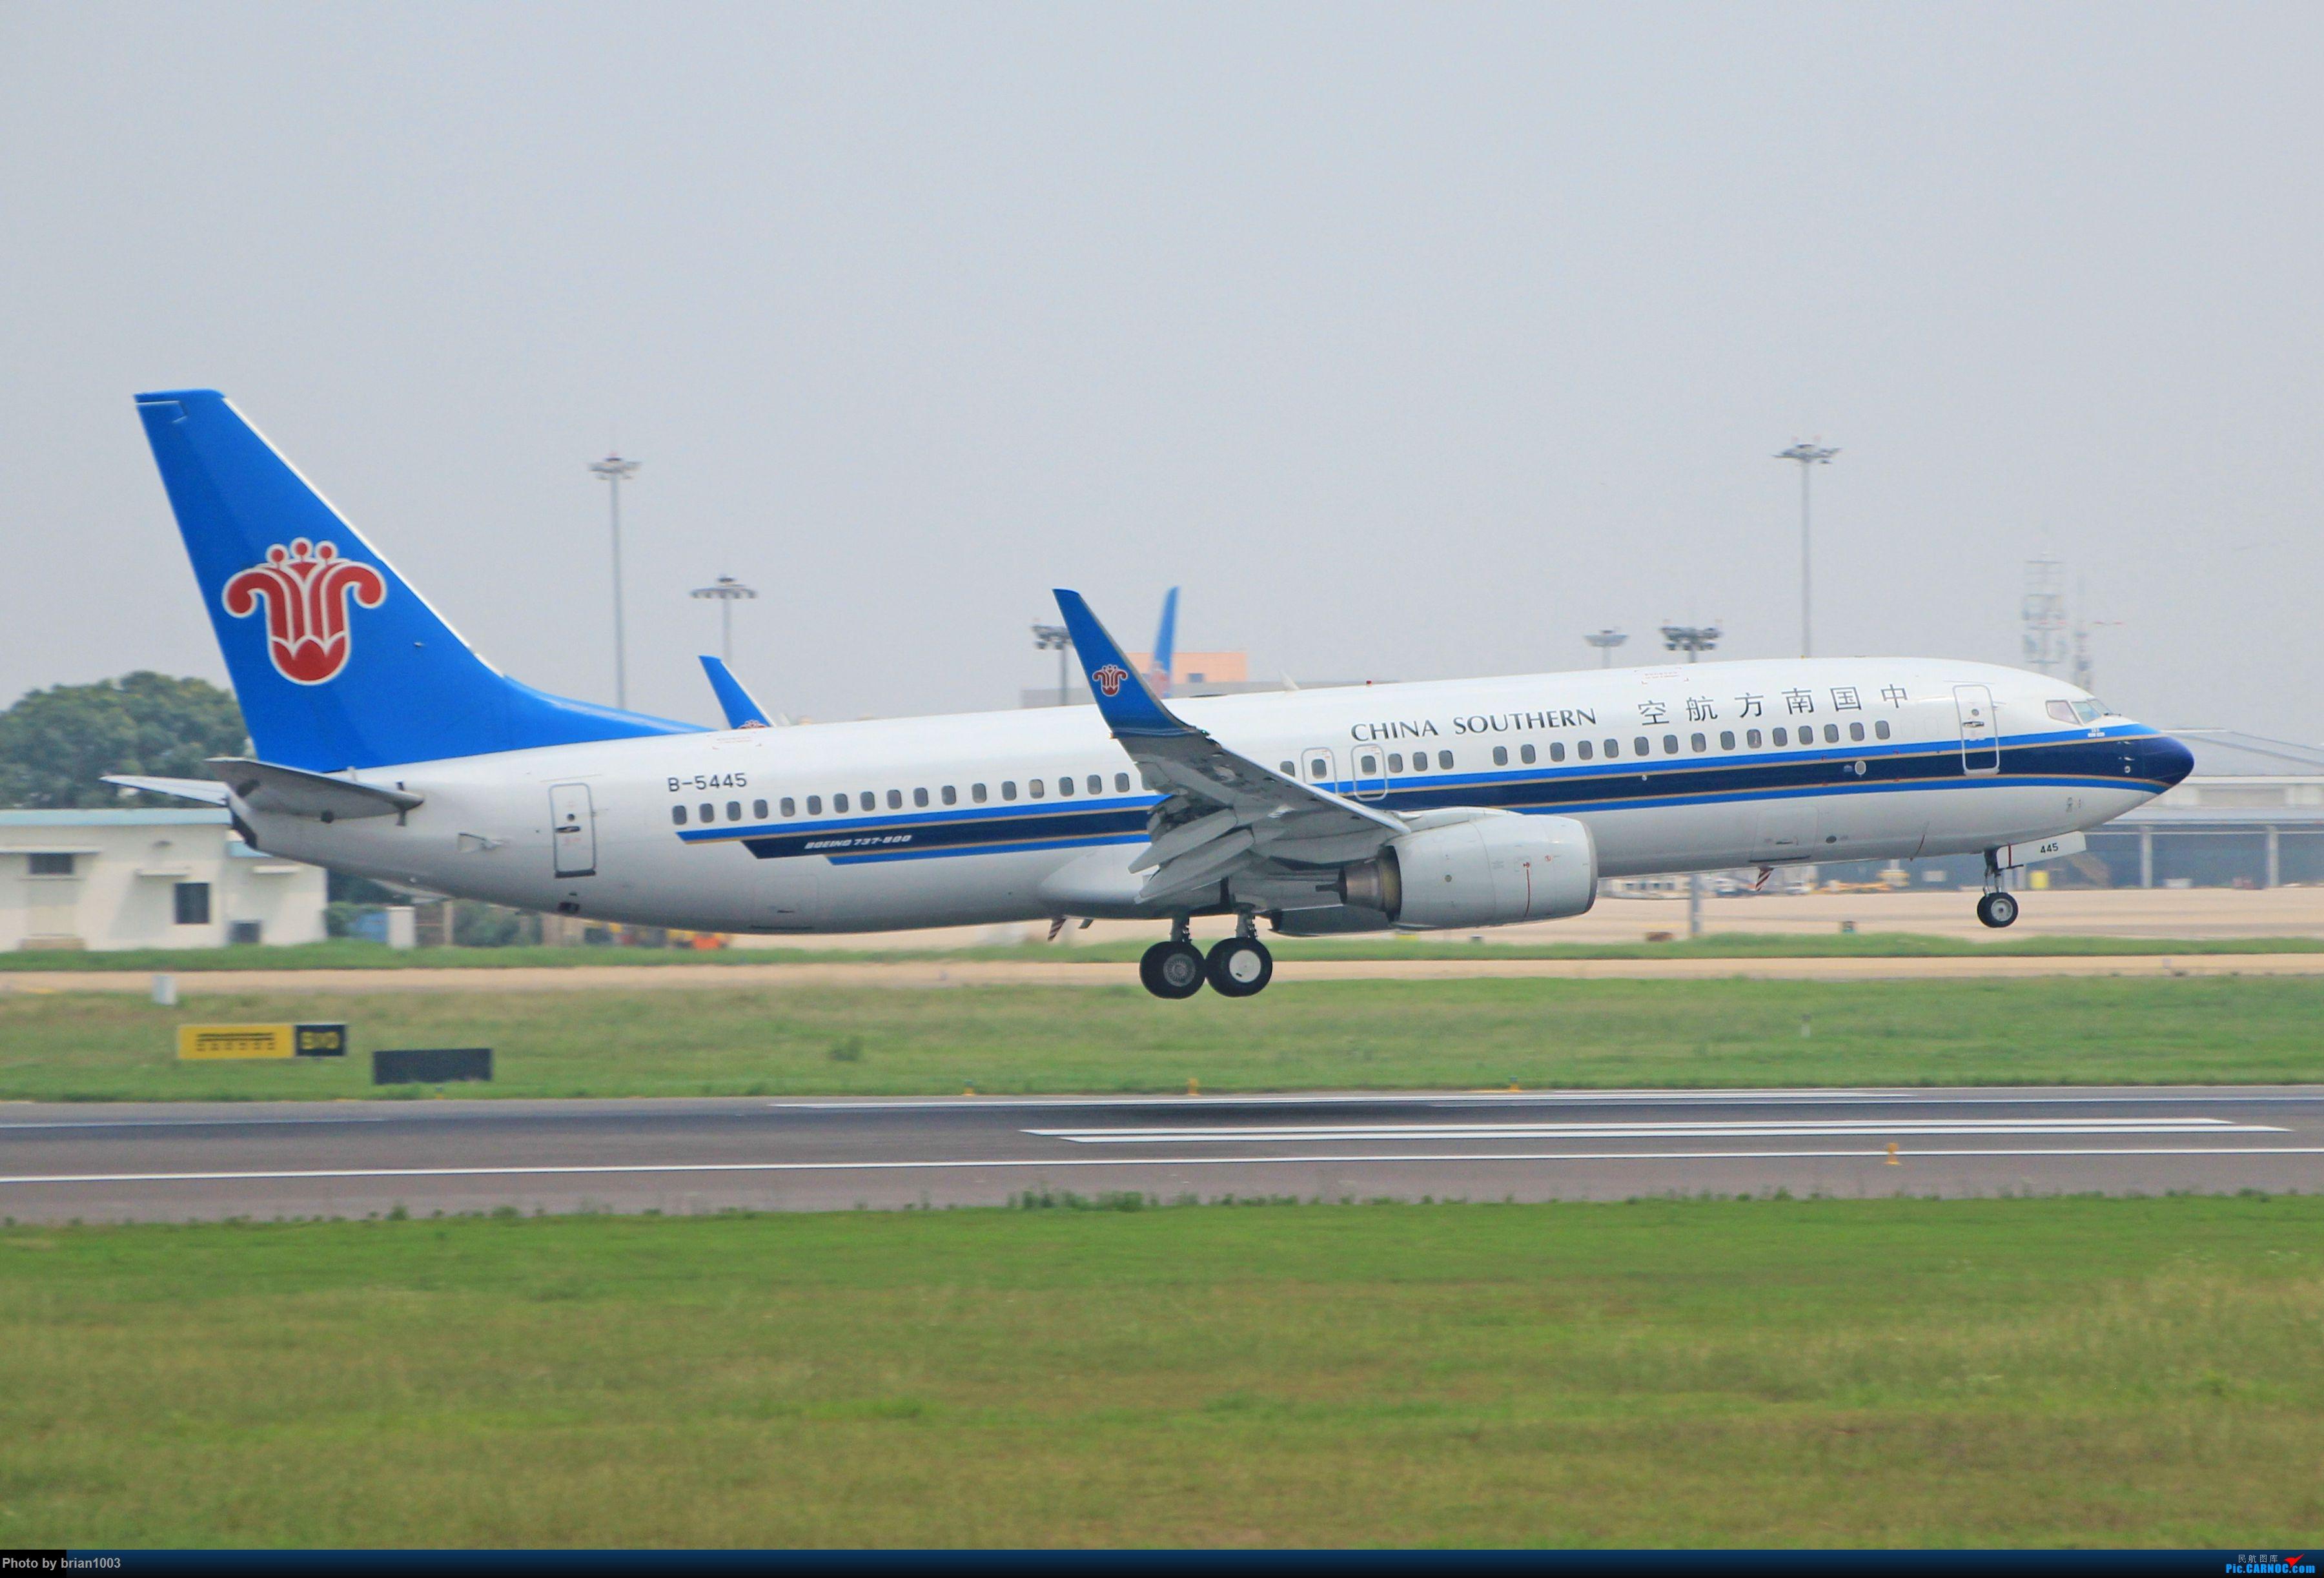 Re:[原创]WUH天河机场拍机之六月还有啥(X7家744F、天津大韩港龙333、巴基斯坦772、B6419、ER-BBJ 74F、某菊塞斯纳、俄航77W) BOEING 737-800 B-5445 中国武汉天河国际机场